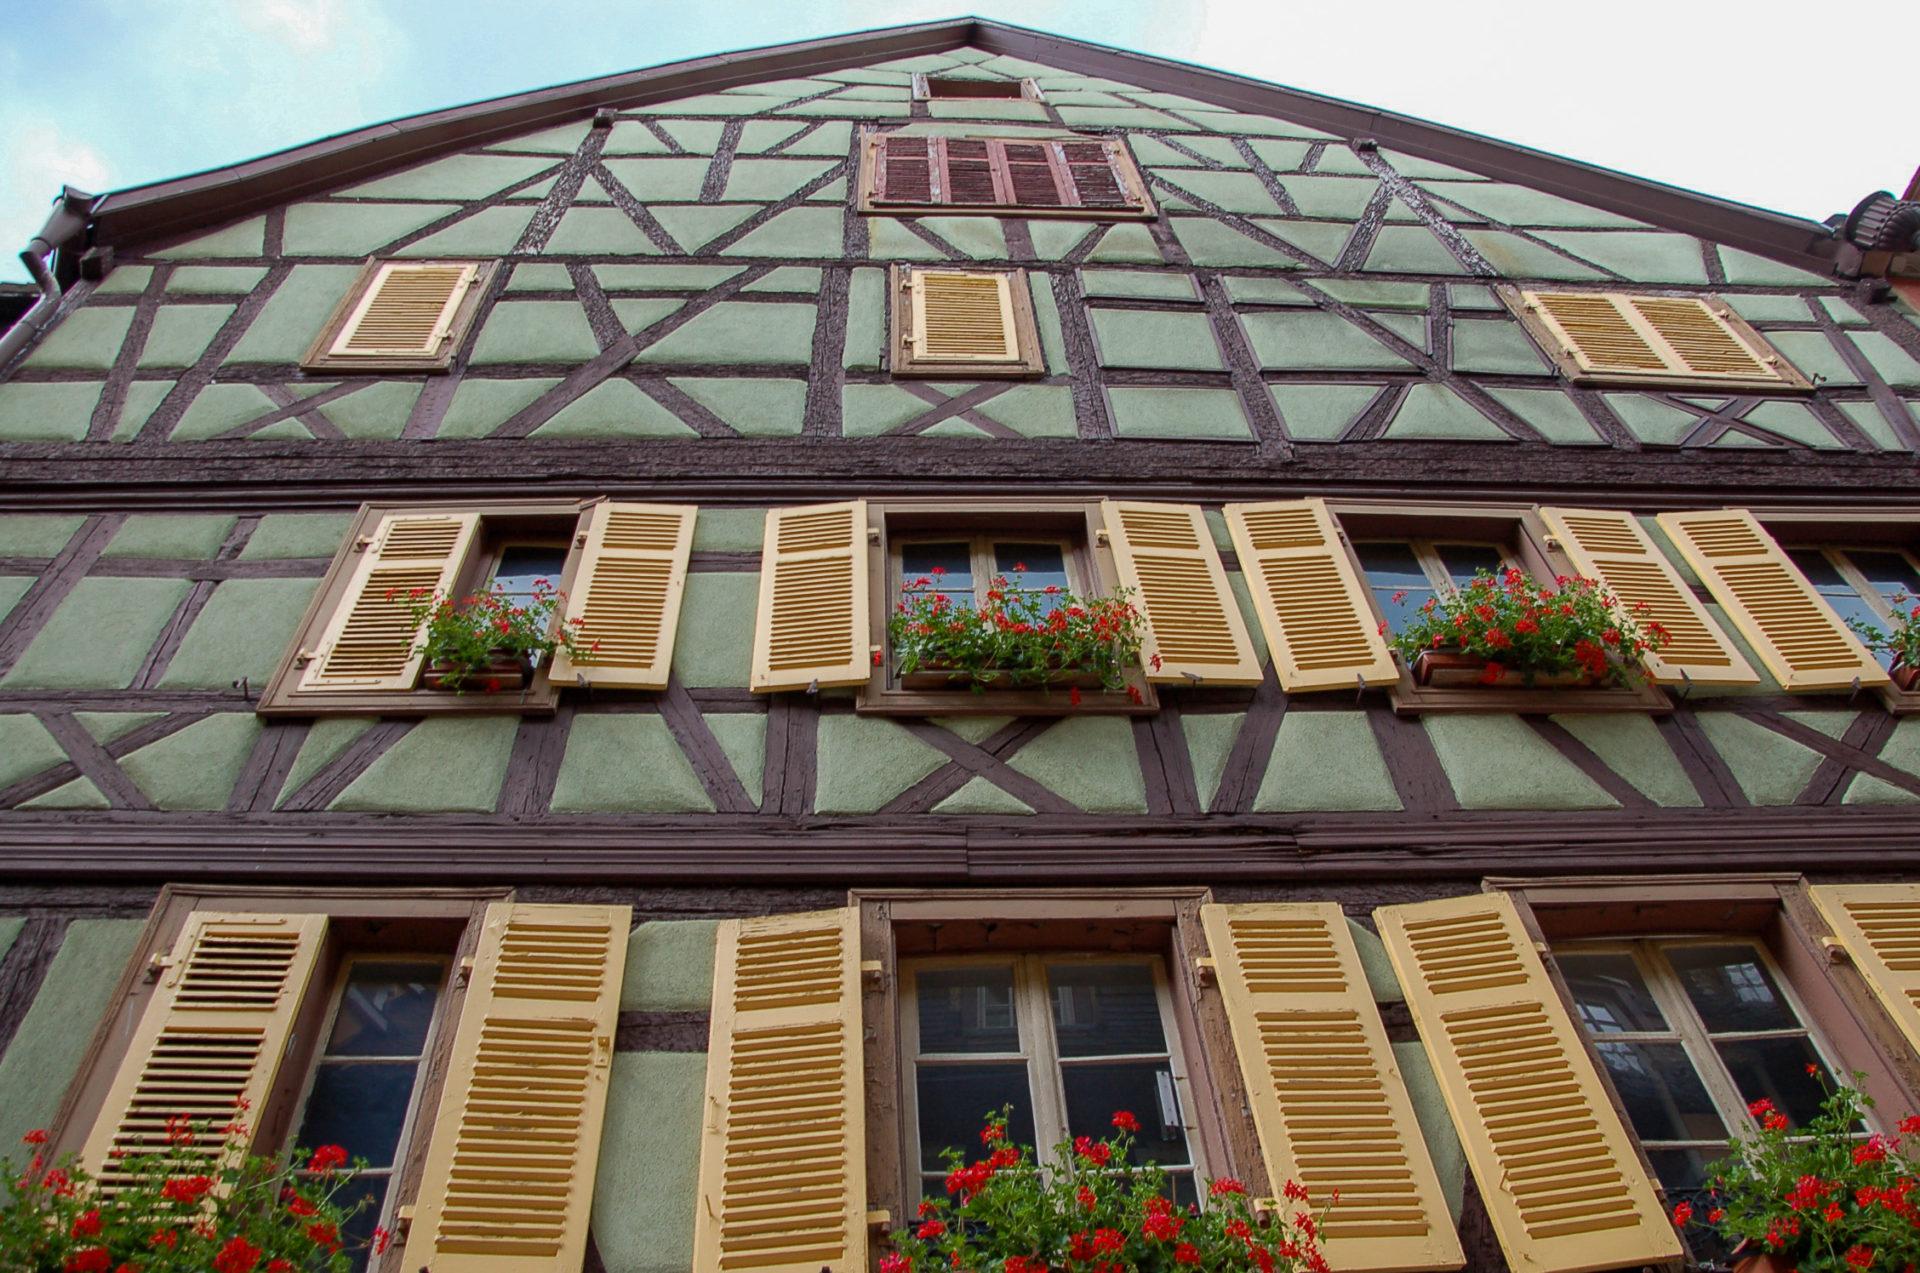 Fachwerkhaus mit Blumen im Fenster im Elsass